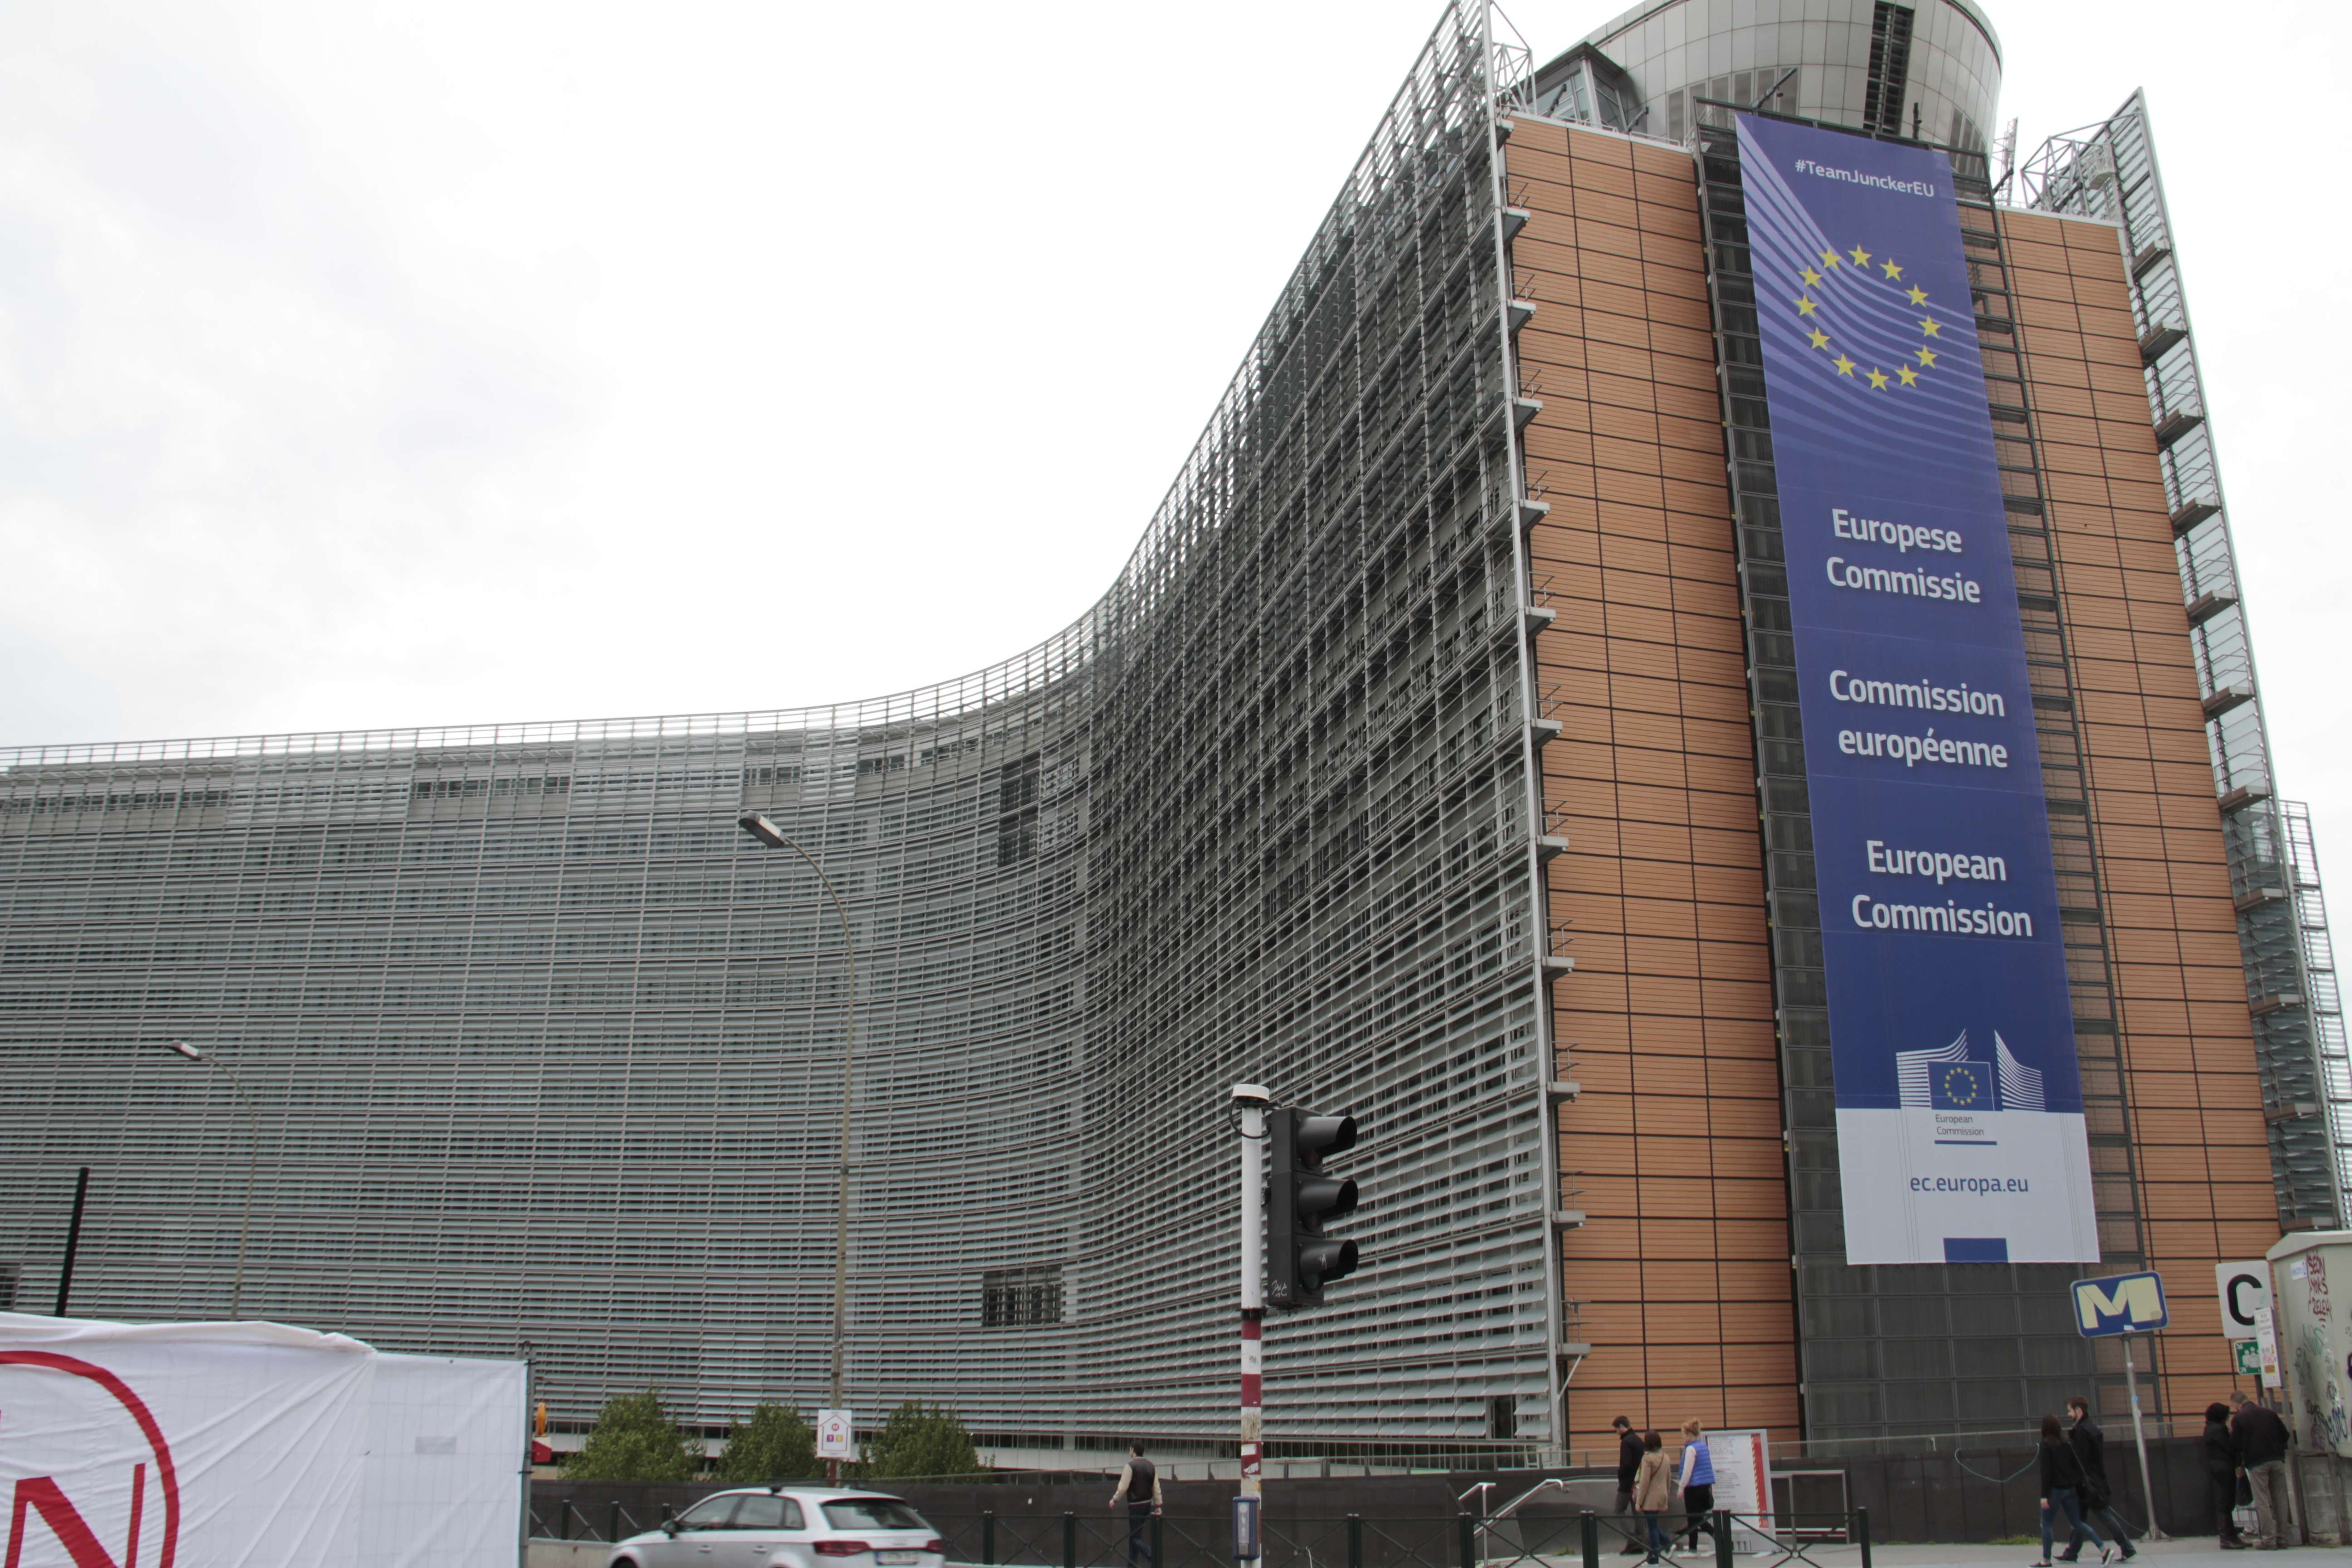 Belgique mai 2015_0093 Bruxelles quartier de l'Europe